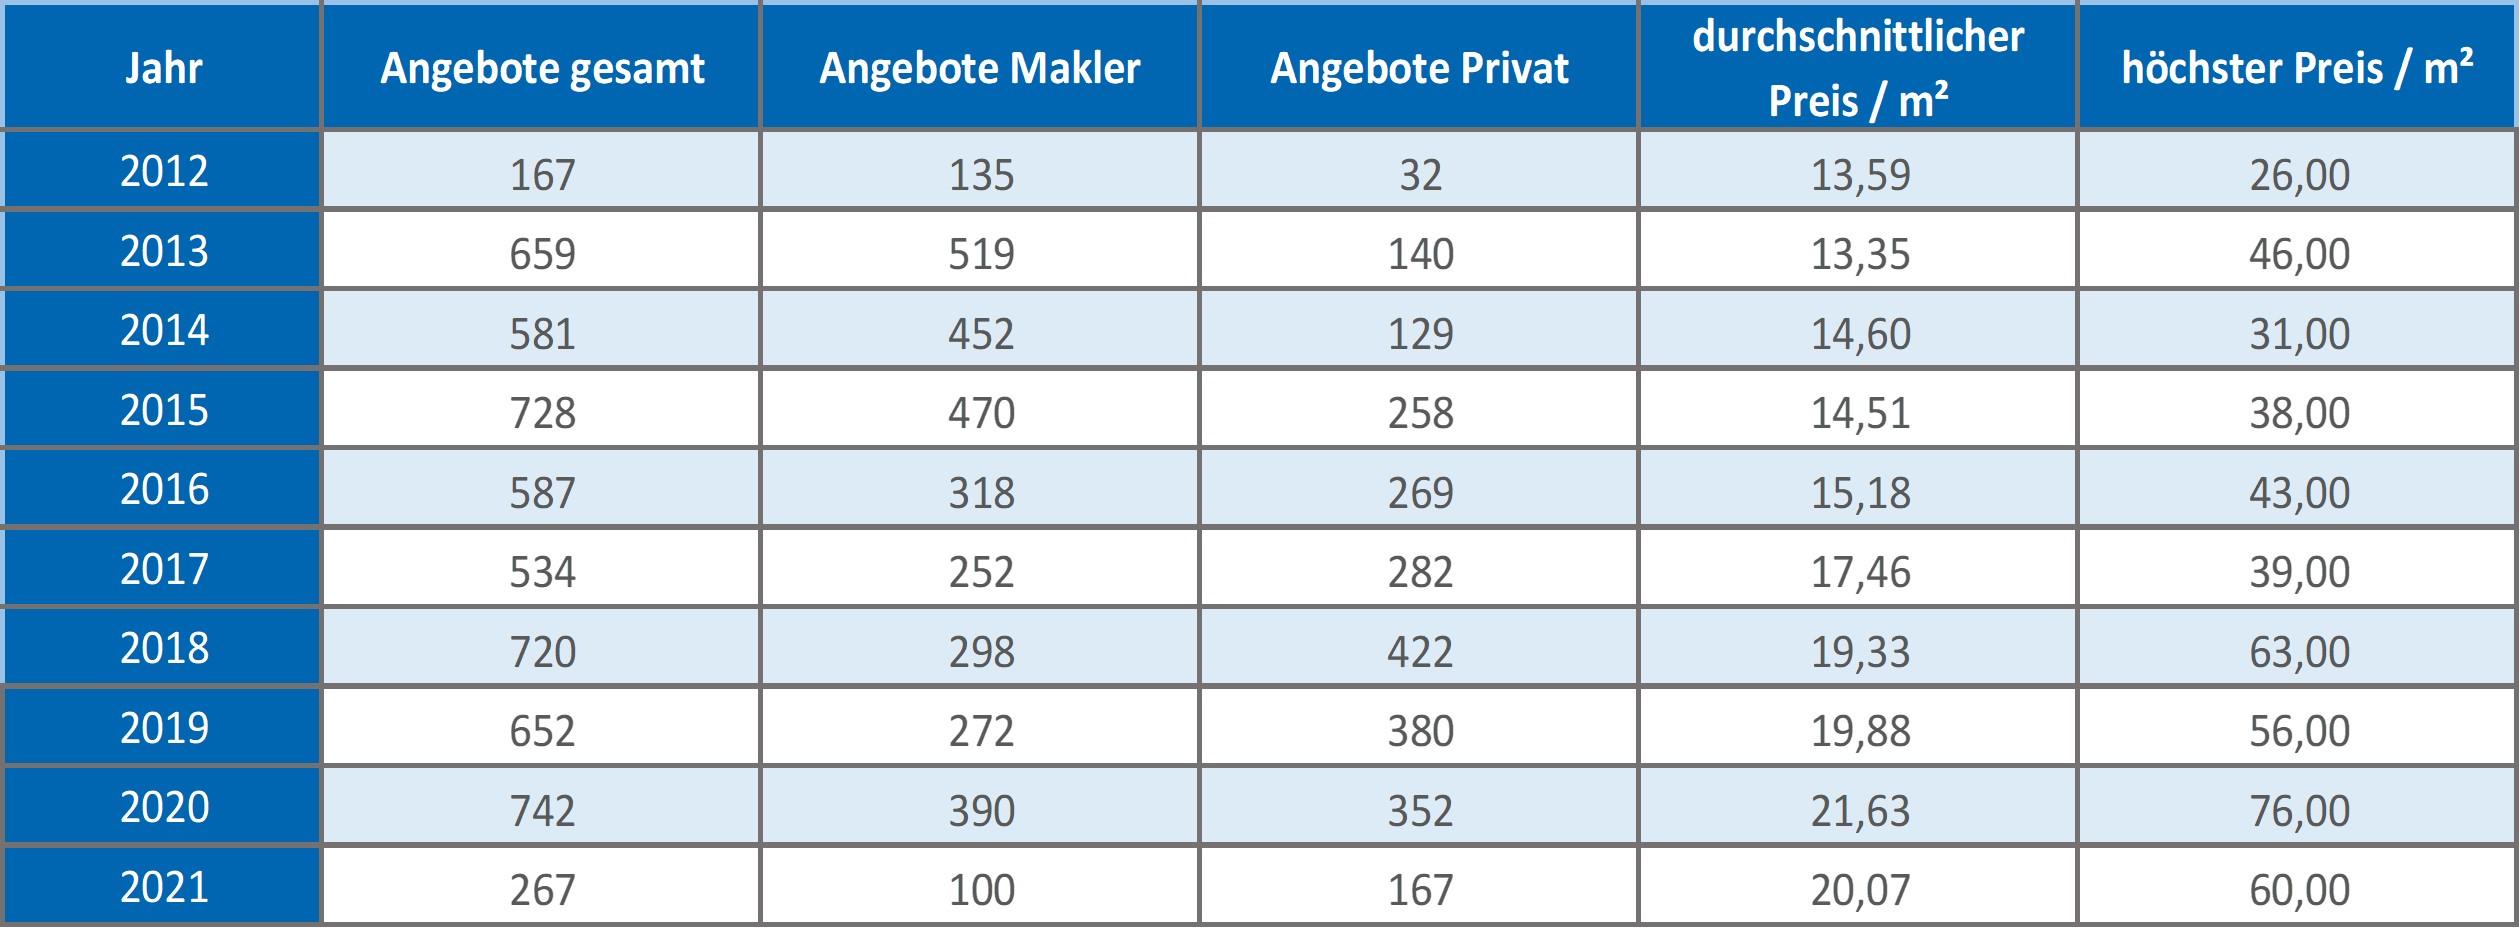 München - Obersendling Wohnung mieten vermieten Preis Bewertung Makler 2019 2020 2021 www.happy-immo.de